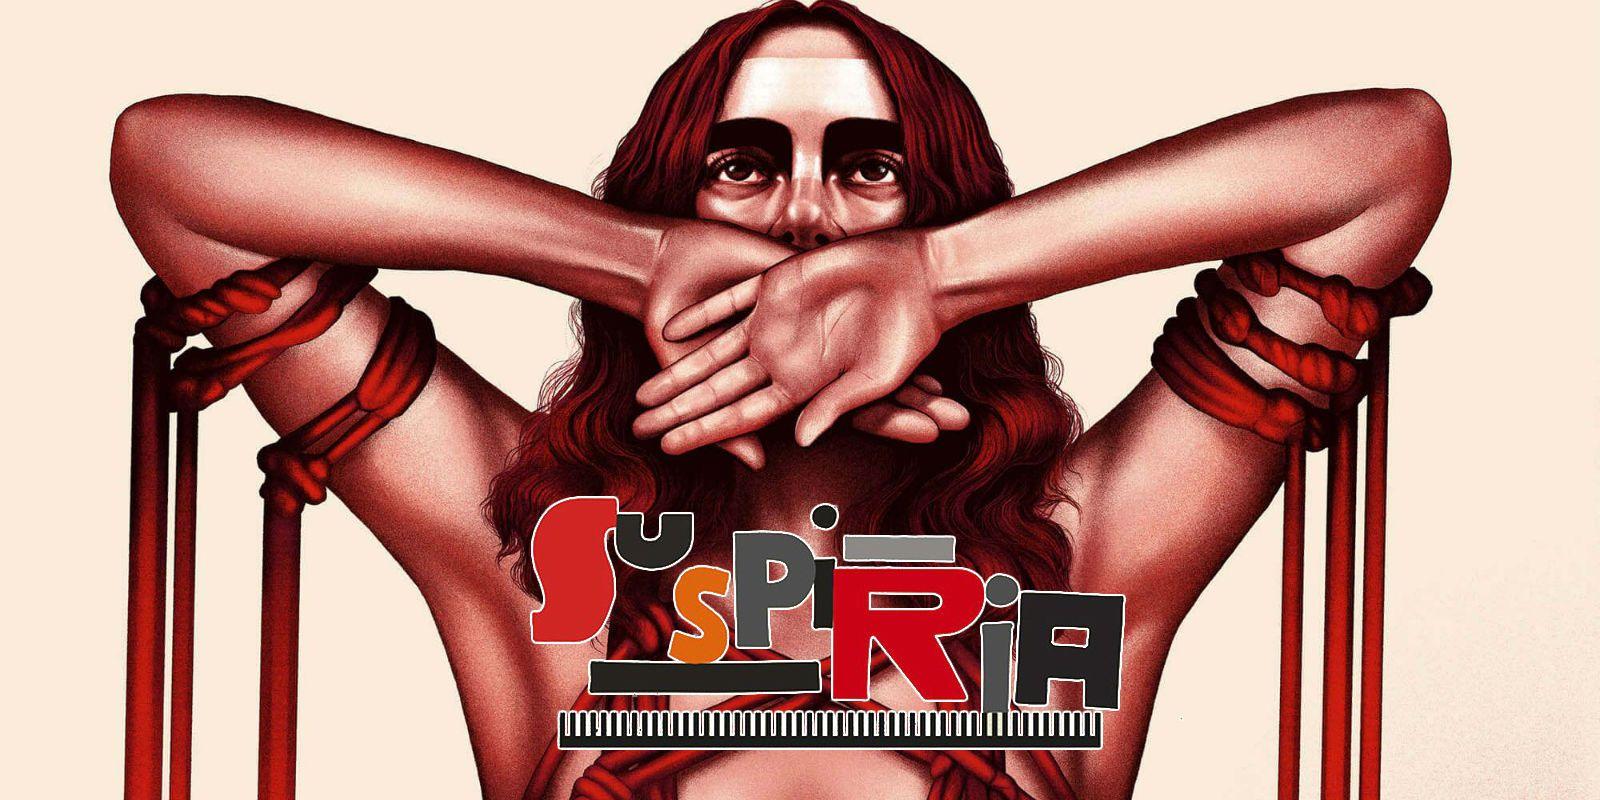 სუსპირია / Suspiria